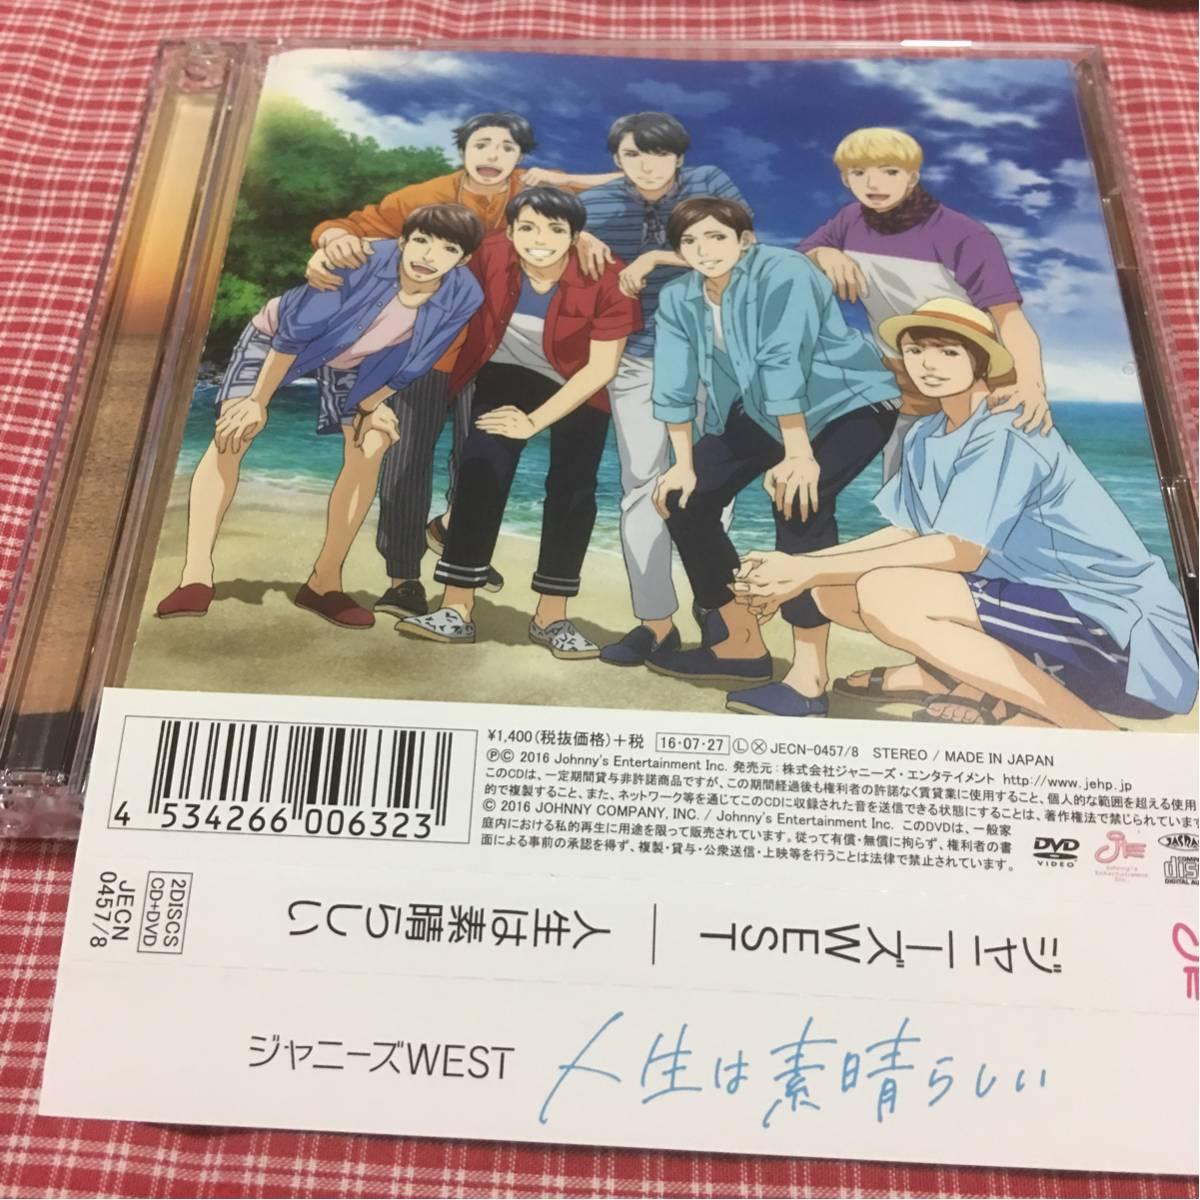 ジャニーズWEST 人生は素晴らしい 初回盤A CD+DVD(Music Clip&Making)